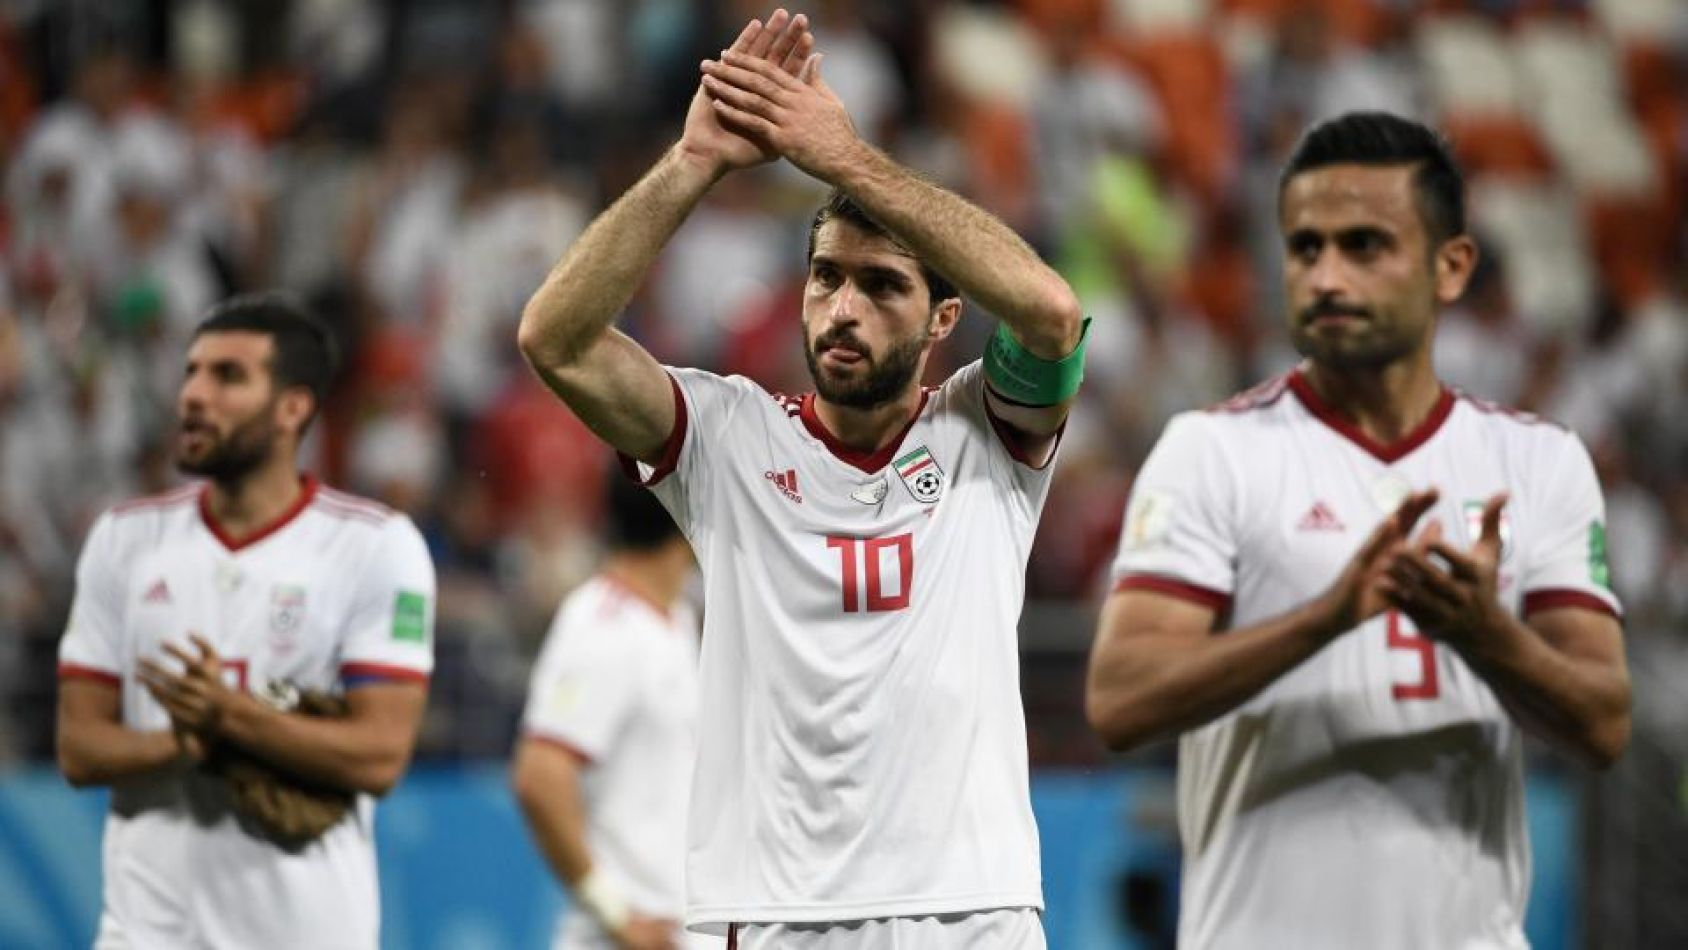 El VAR condena a Portugal al segundo lugar del grupo B